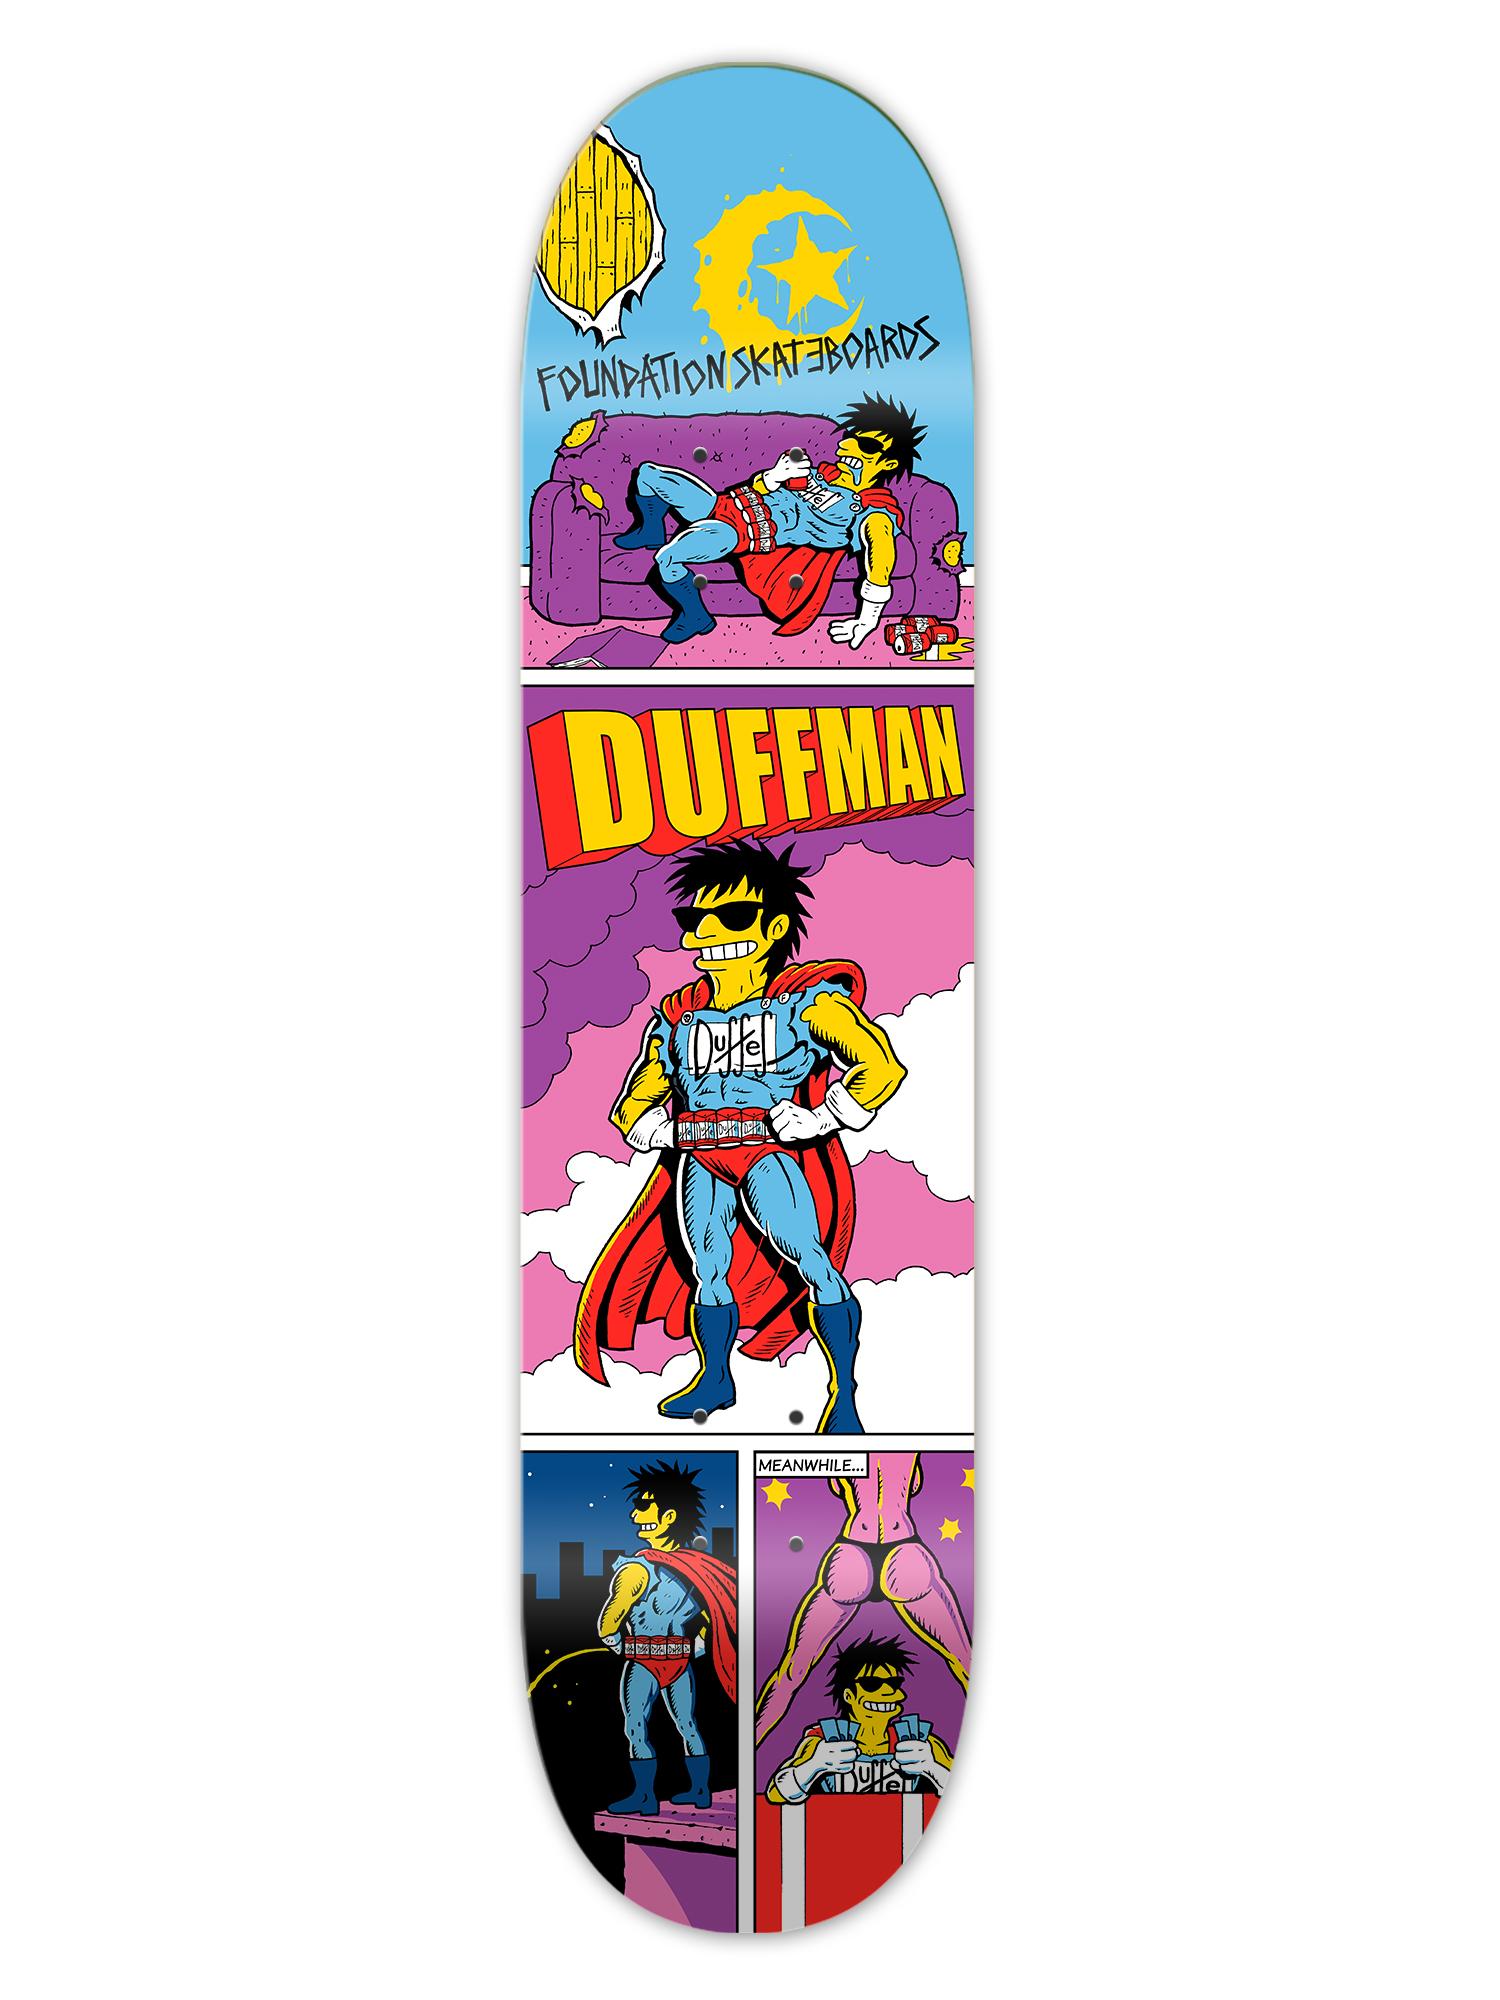 Duffel_Duffman_Deck_skinny.jpg